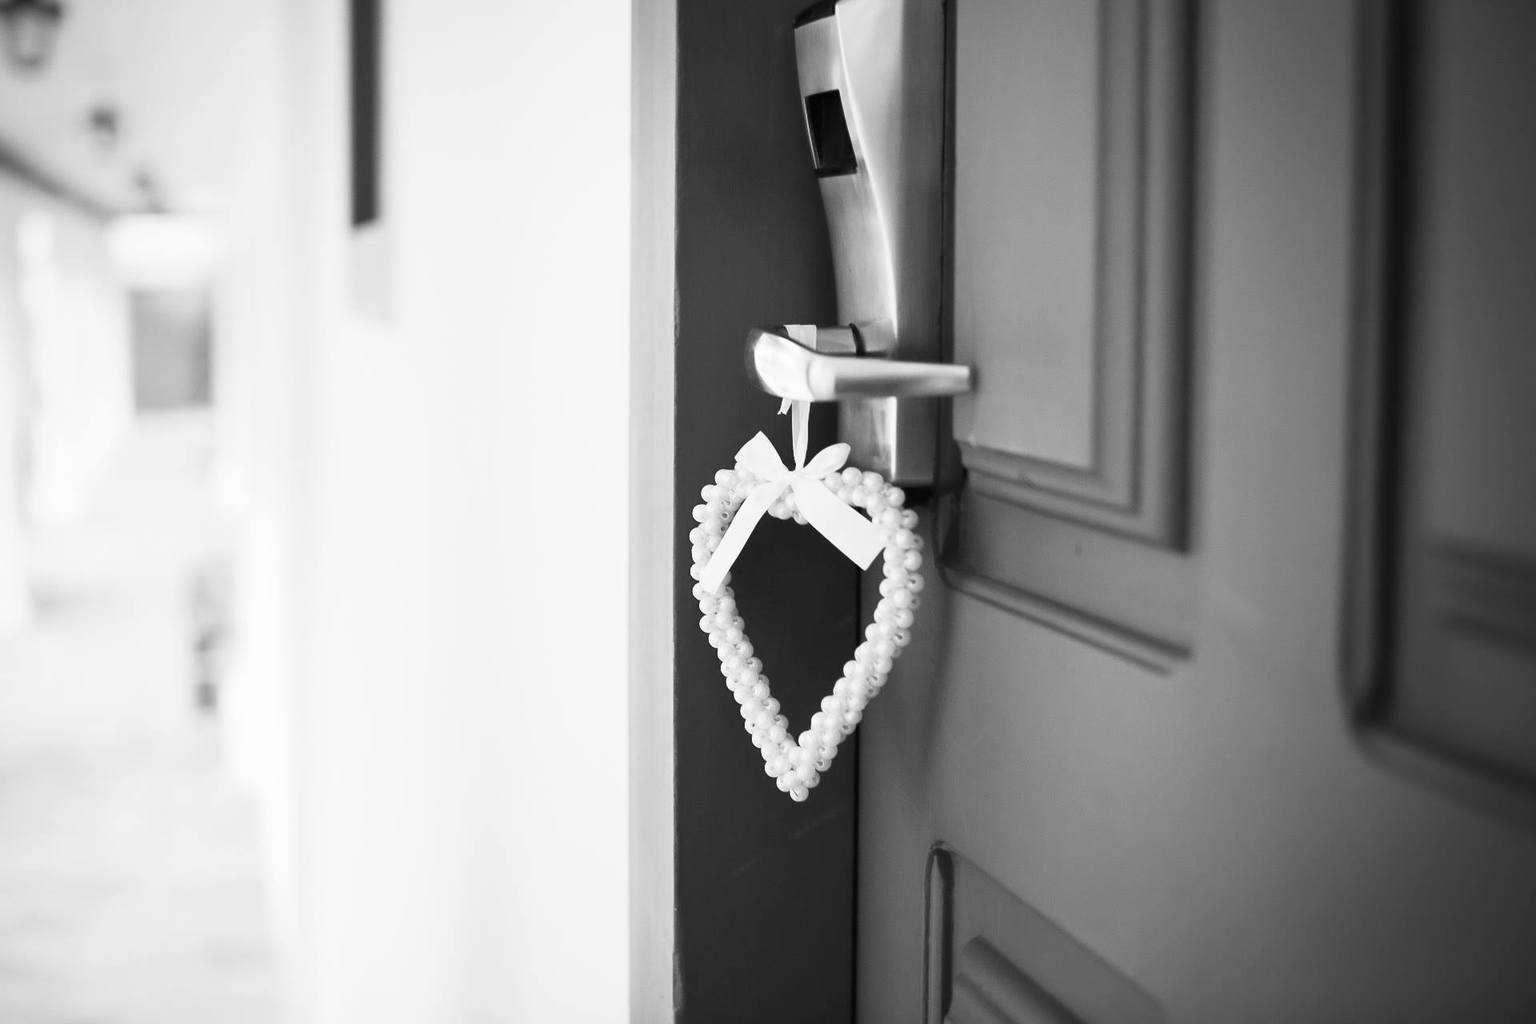 casamento-ariane-e-antonio-carlos-caseme-foto-silvia-penati-72